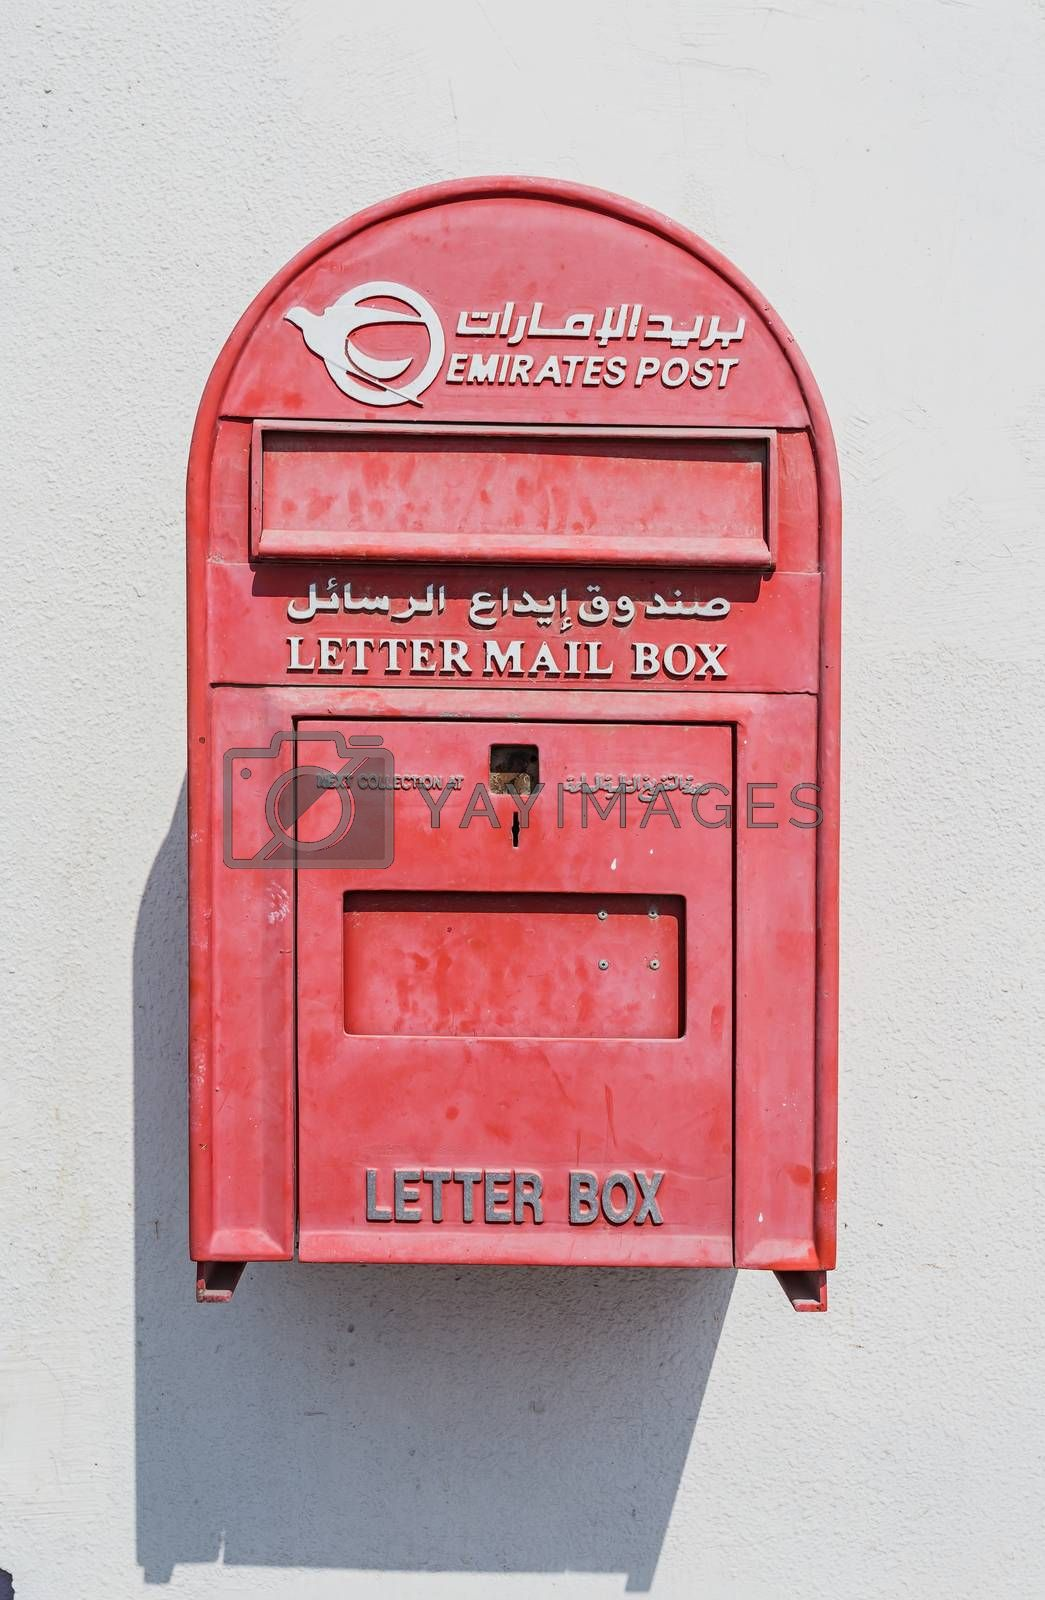 Royalty free image of old Arab mailbox by oleg_zhukov